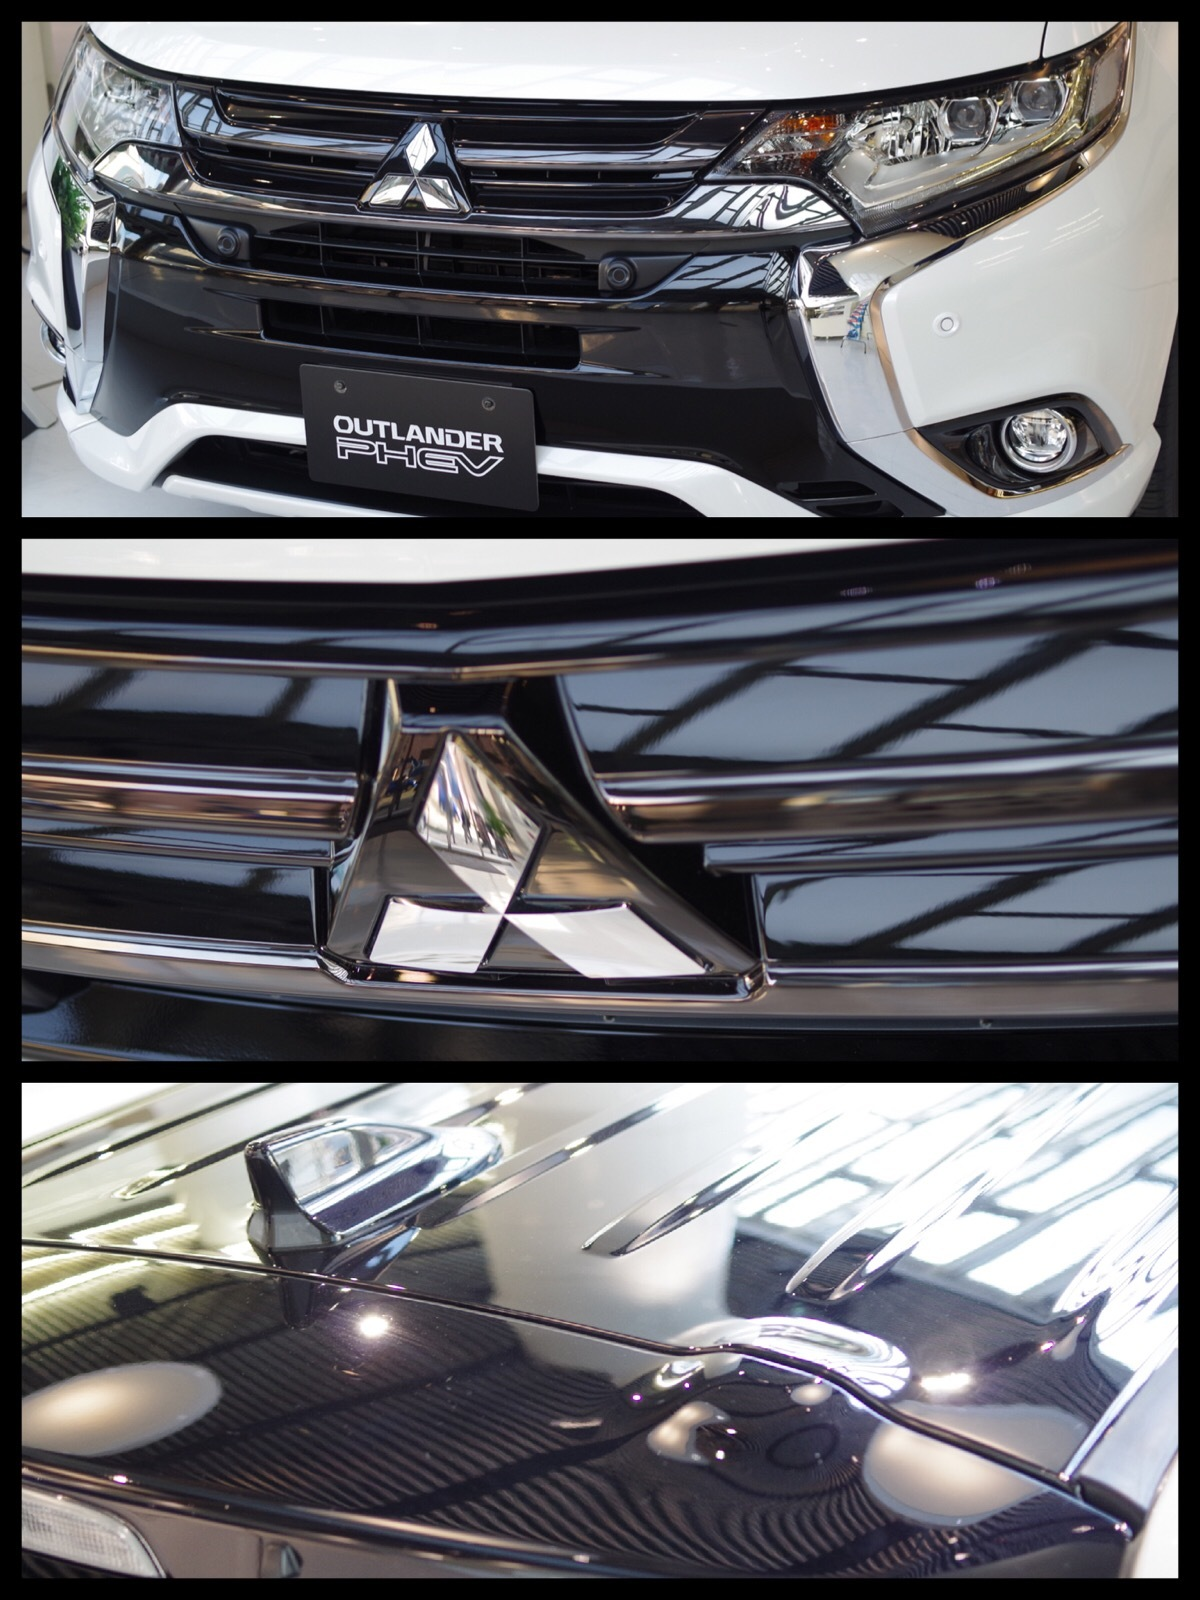 アウトランダーPHEV2017 S Edition ホワイトパール×ブラックマイカ